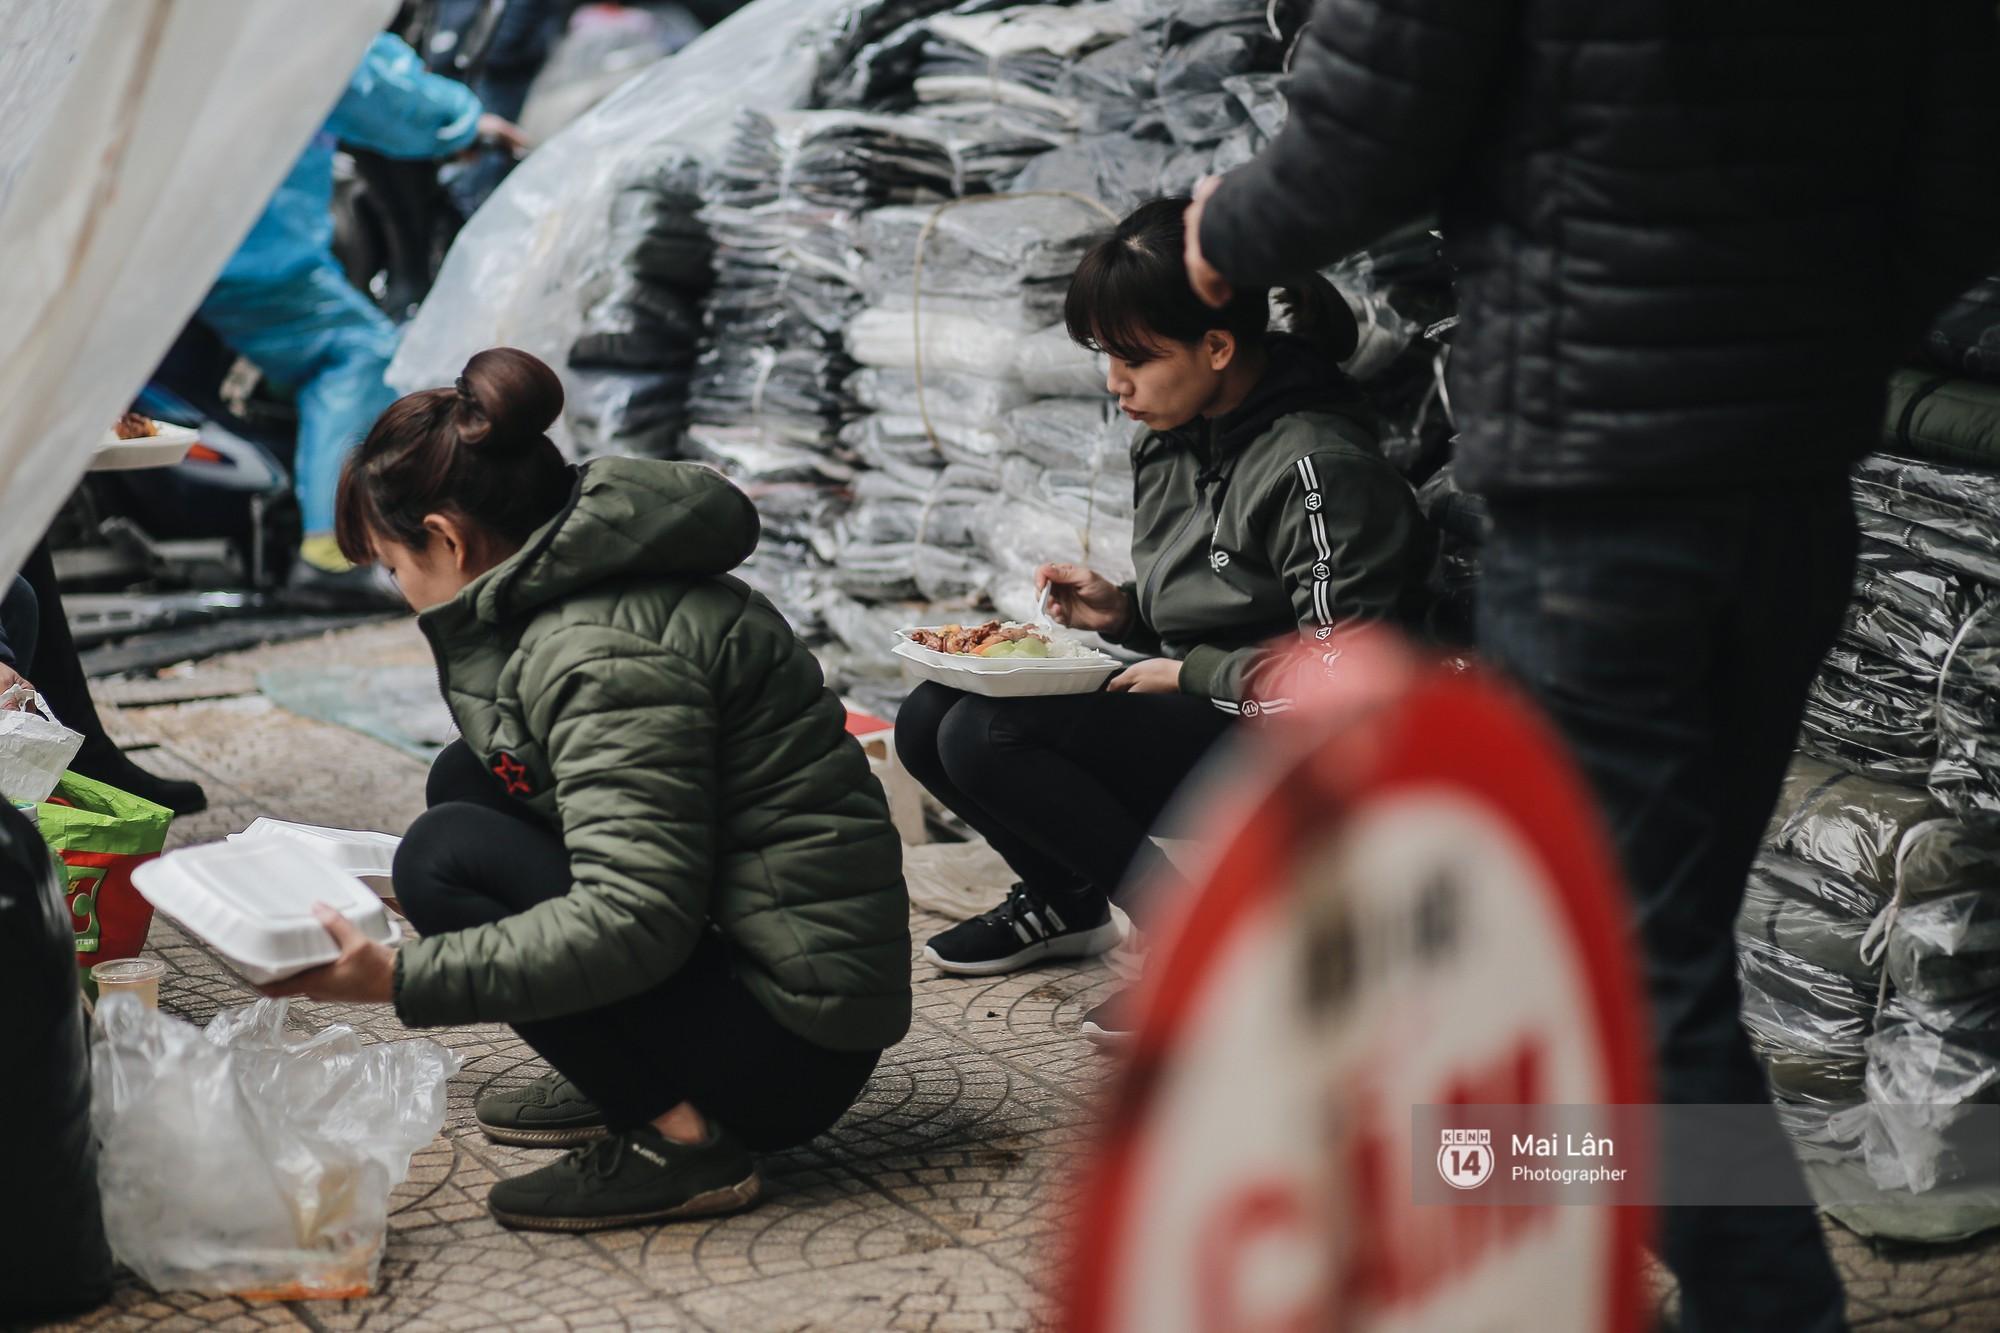 Chùm ảnh: Hà Nội giá rét 10 độ, một chiếc thùng carton hay manh áo mưa cũng khiến người lao động nghèo ấm hơn - Ảnh 12.